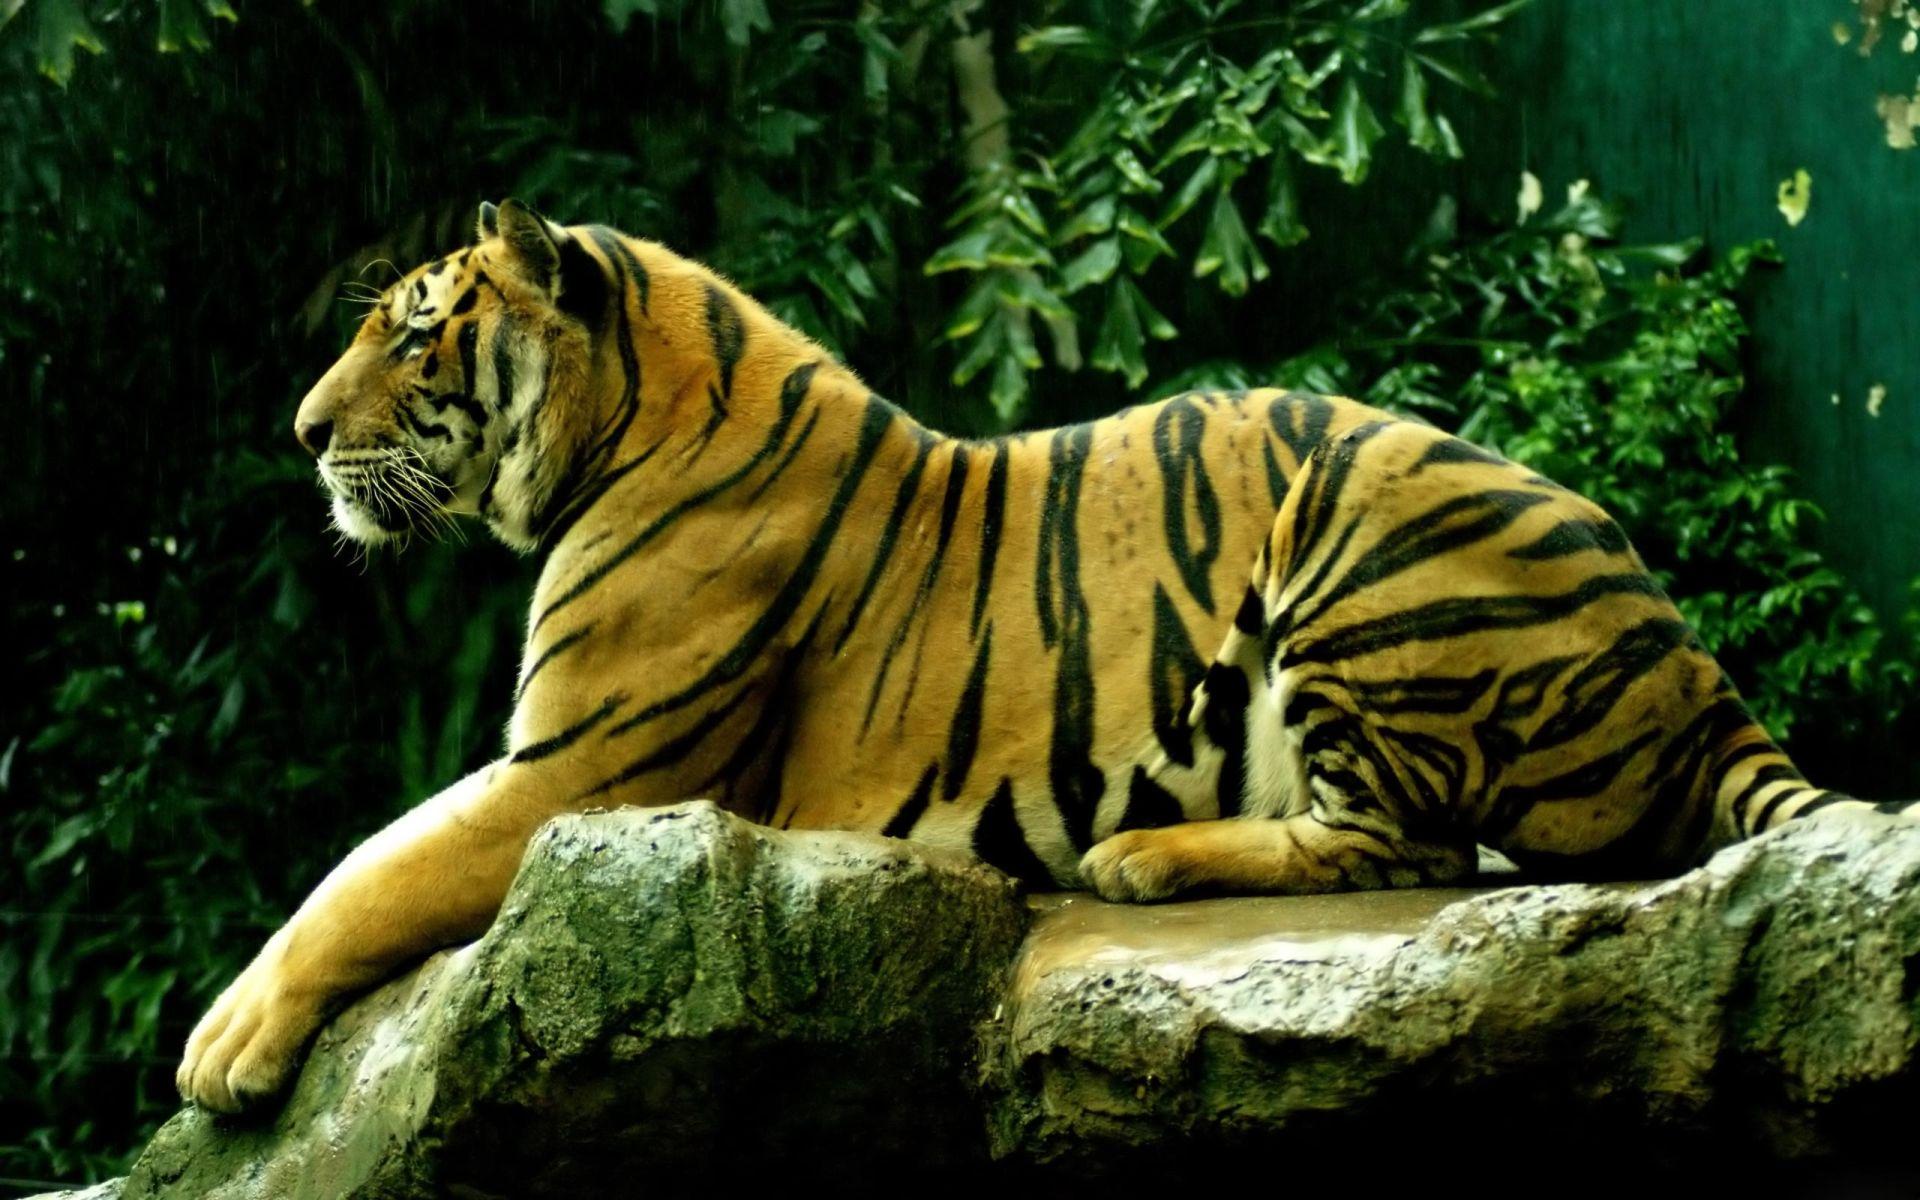 Tiger resting, Computer Wallpaper